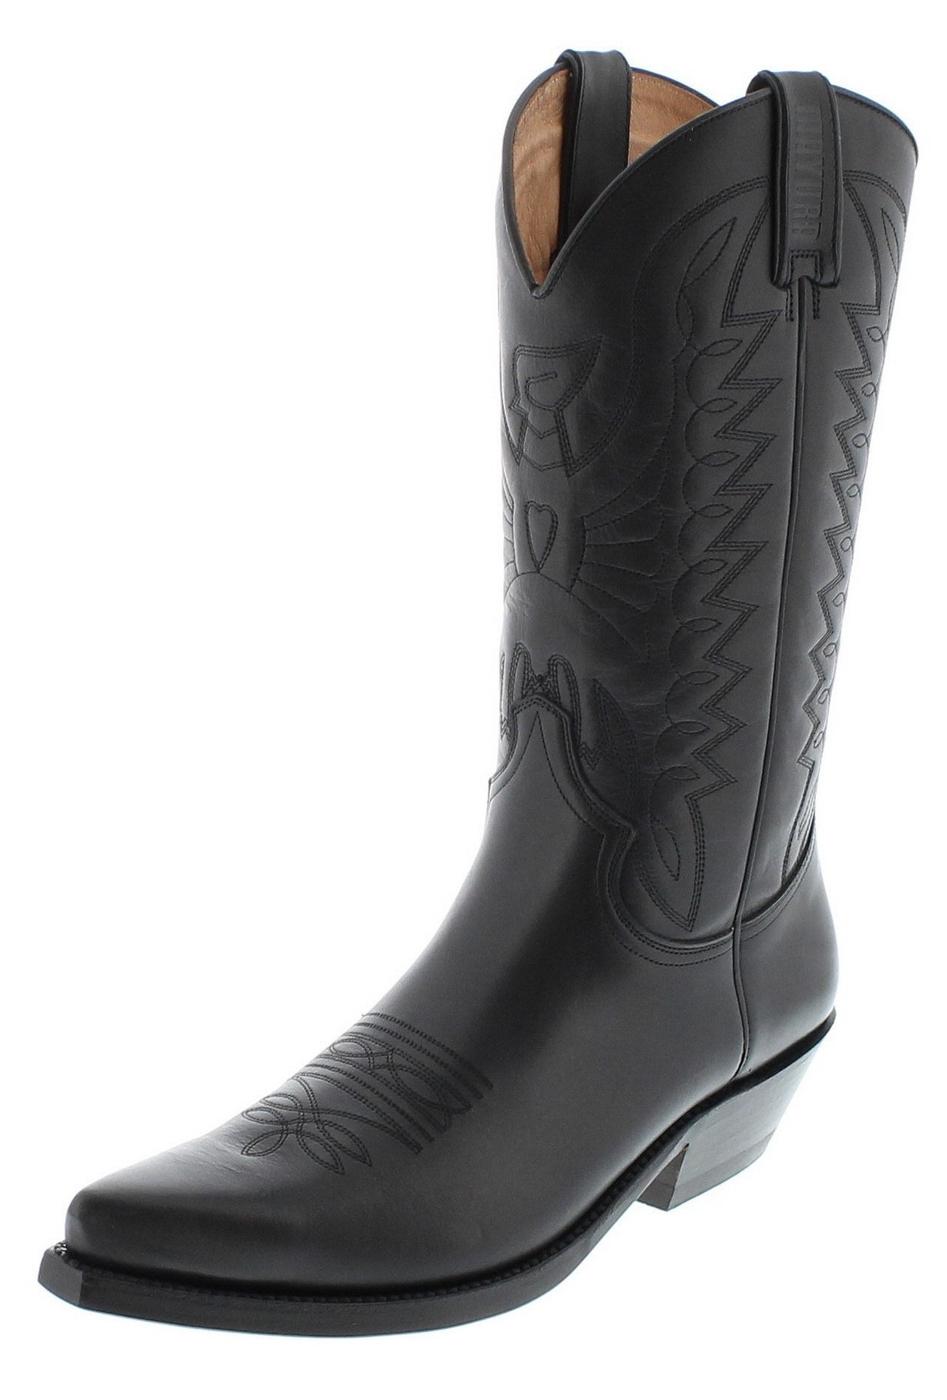 Mayura Boots 1920 Negro Western boot - black